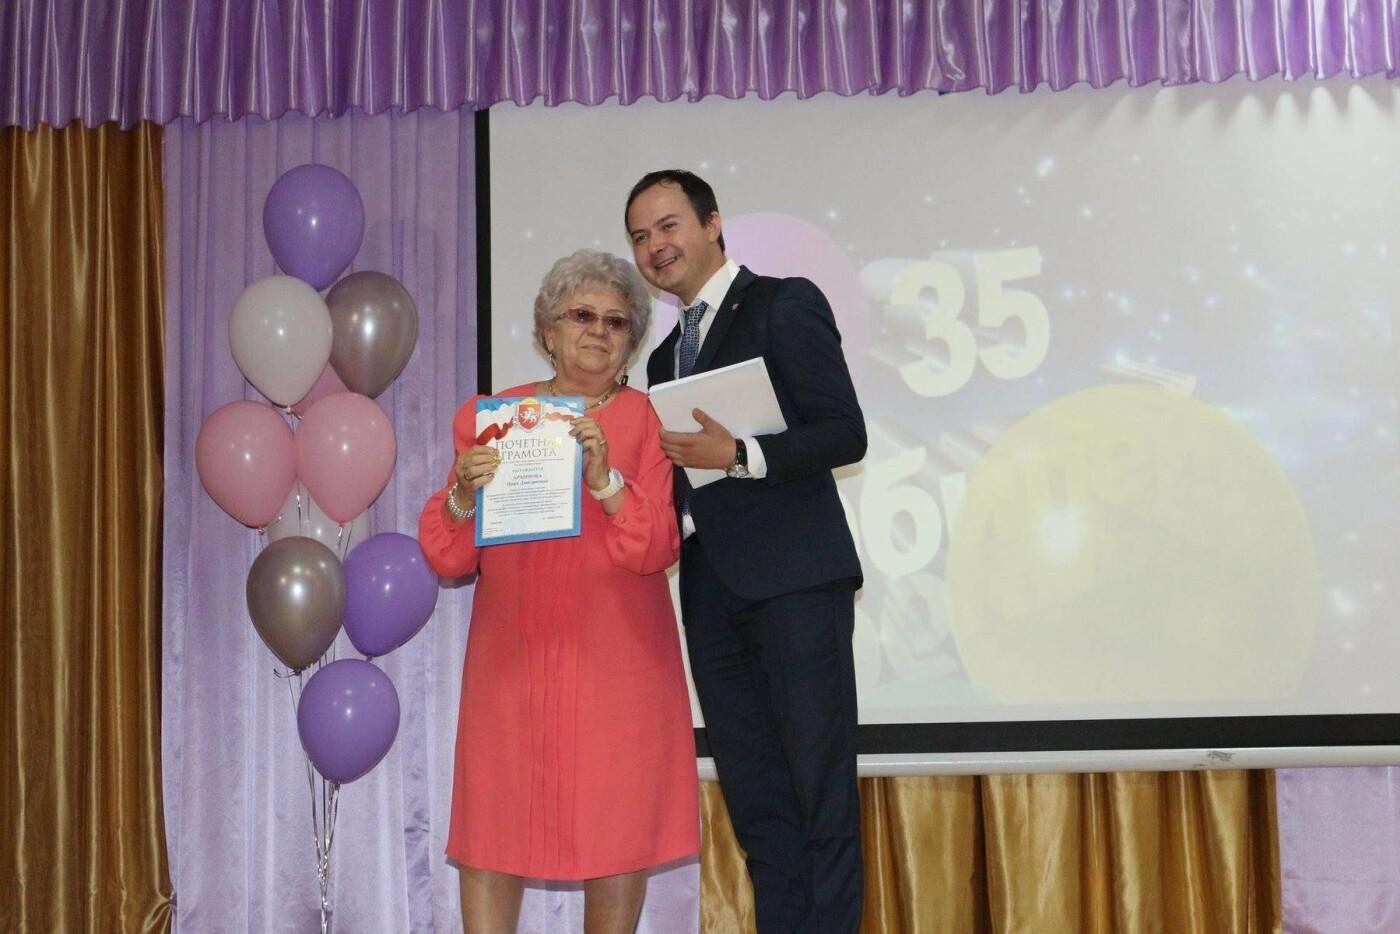 Ялтинская школа № 1 сегодня празднует 35-летний юбилей, фото-2